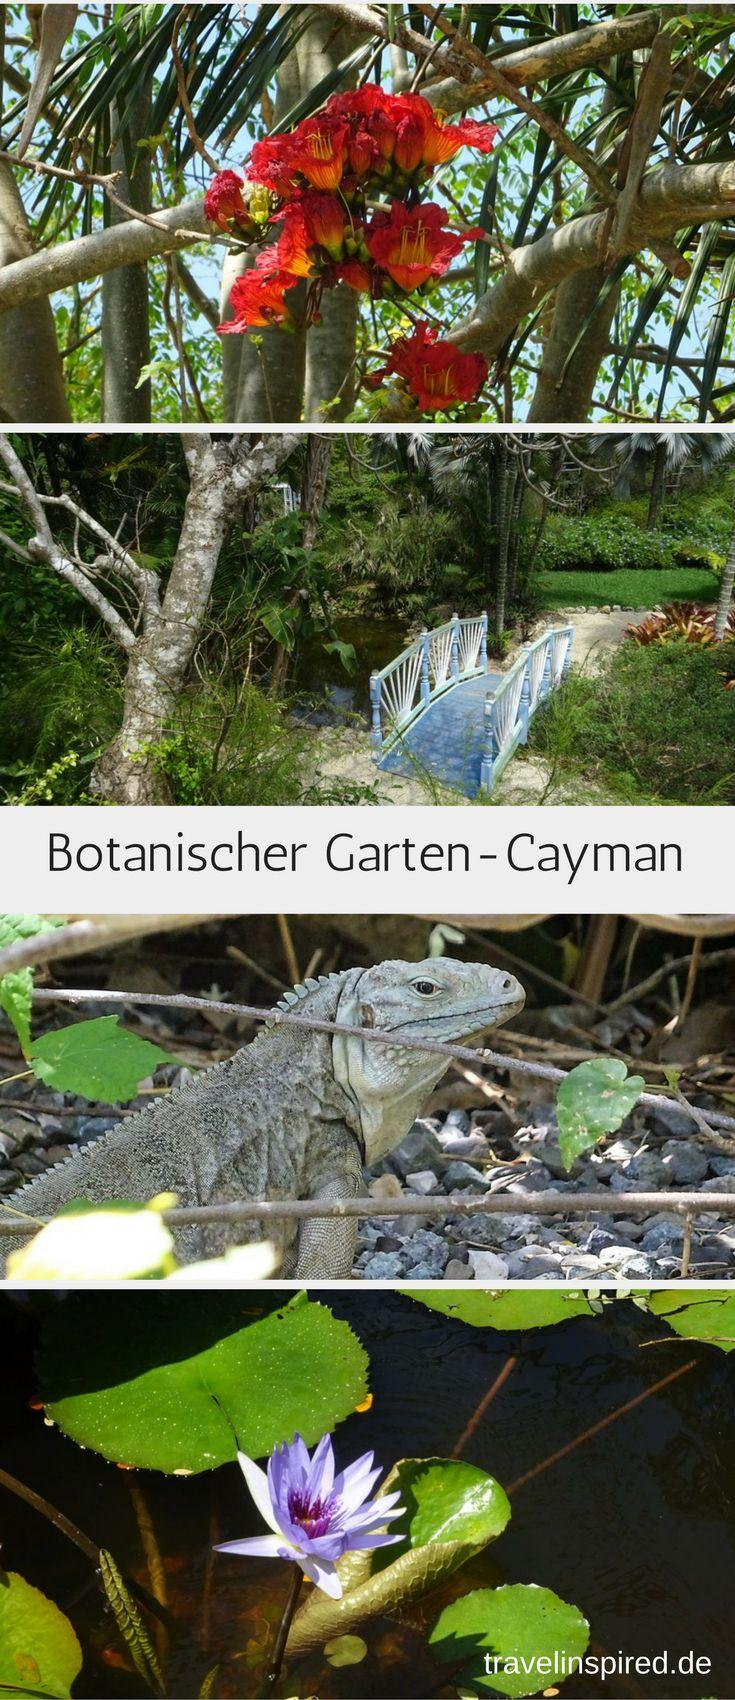 Auf der Karibikinsel Grand Cayman kannst du dir die seltenen blauen Leguane ansehen. Außerdem gibt es im Botanischen Garten dort jede Menge tolle Pflanzen, Vögel und sogar ein paar niedliche Agutis zu entdecken. #GrandCayman #BlauerLeguan #Leguan #Karibik #BotanischerGarten #Blumen